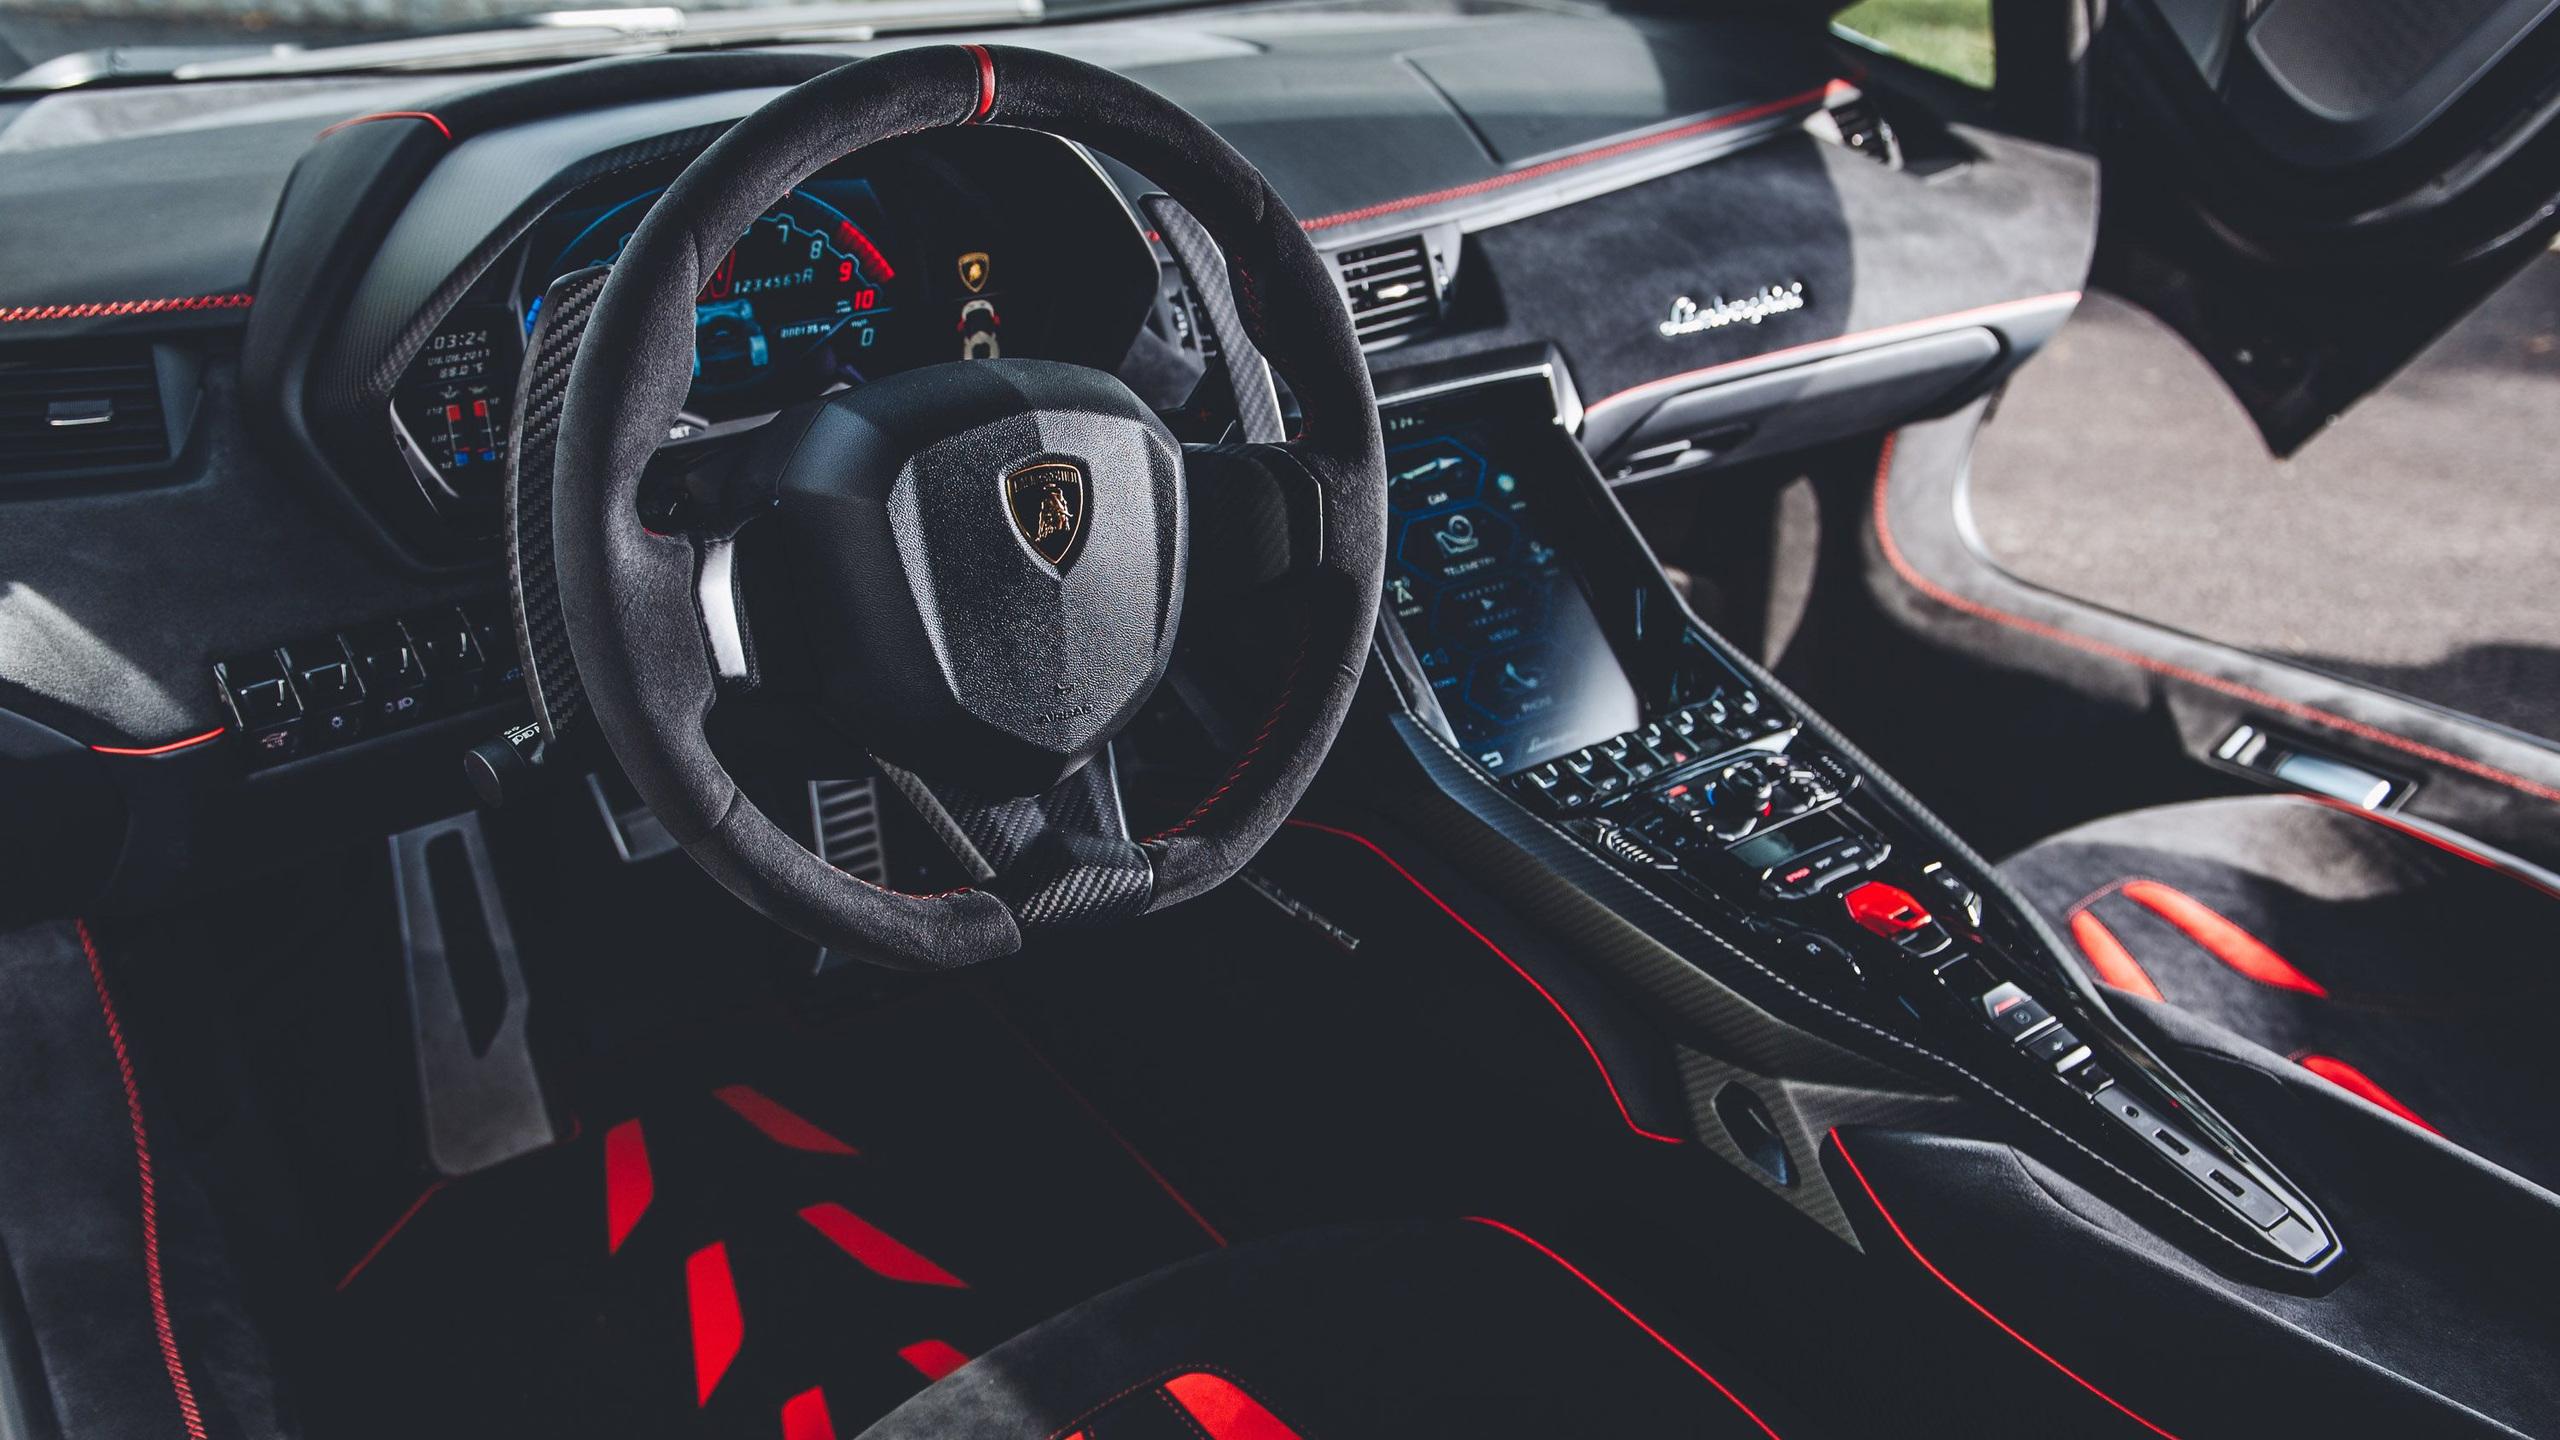 2560x1440 Lamborghini Centenario Coupe Interior 1440p Resolution Hd